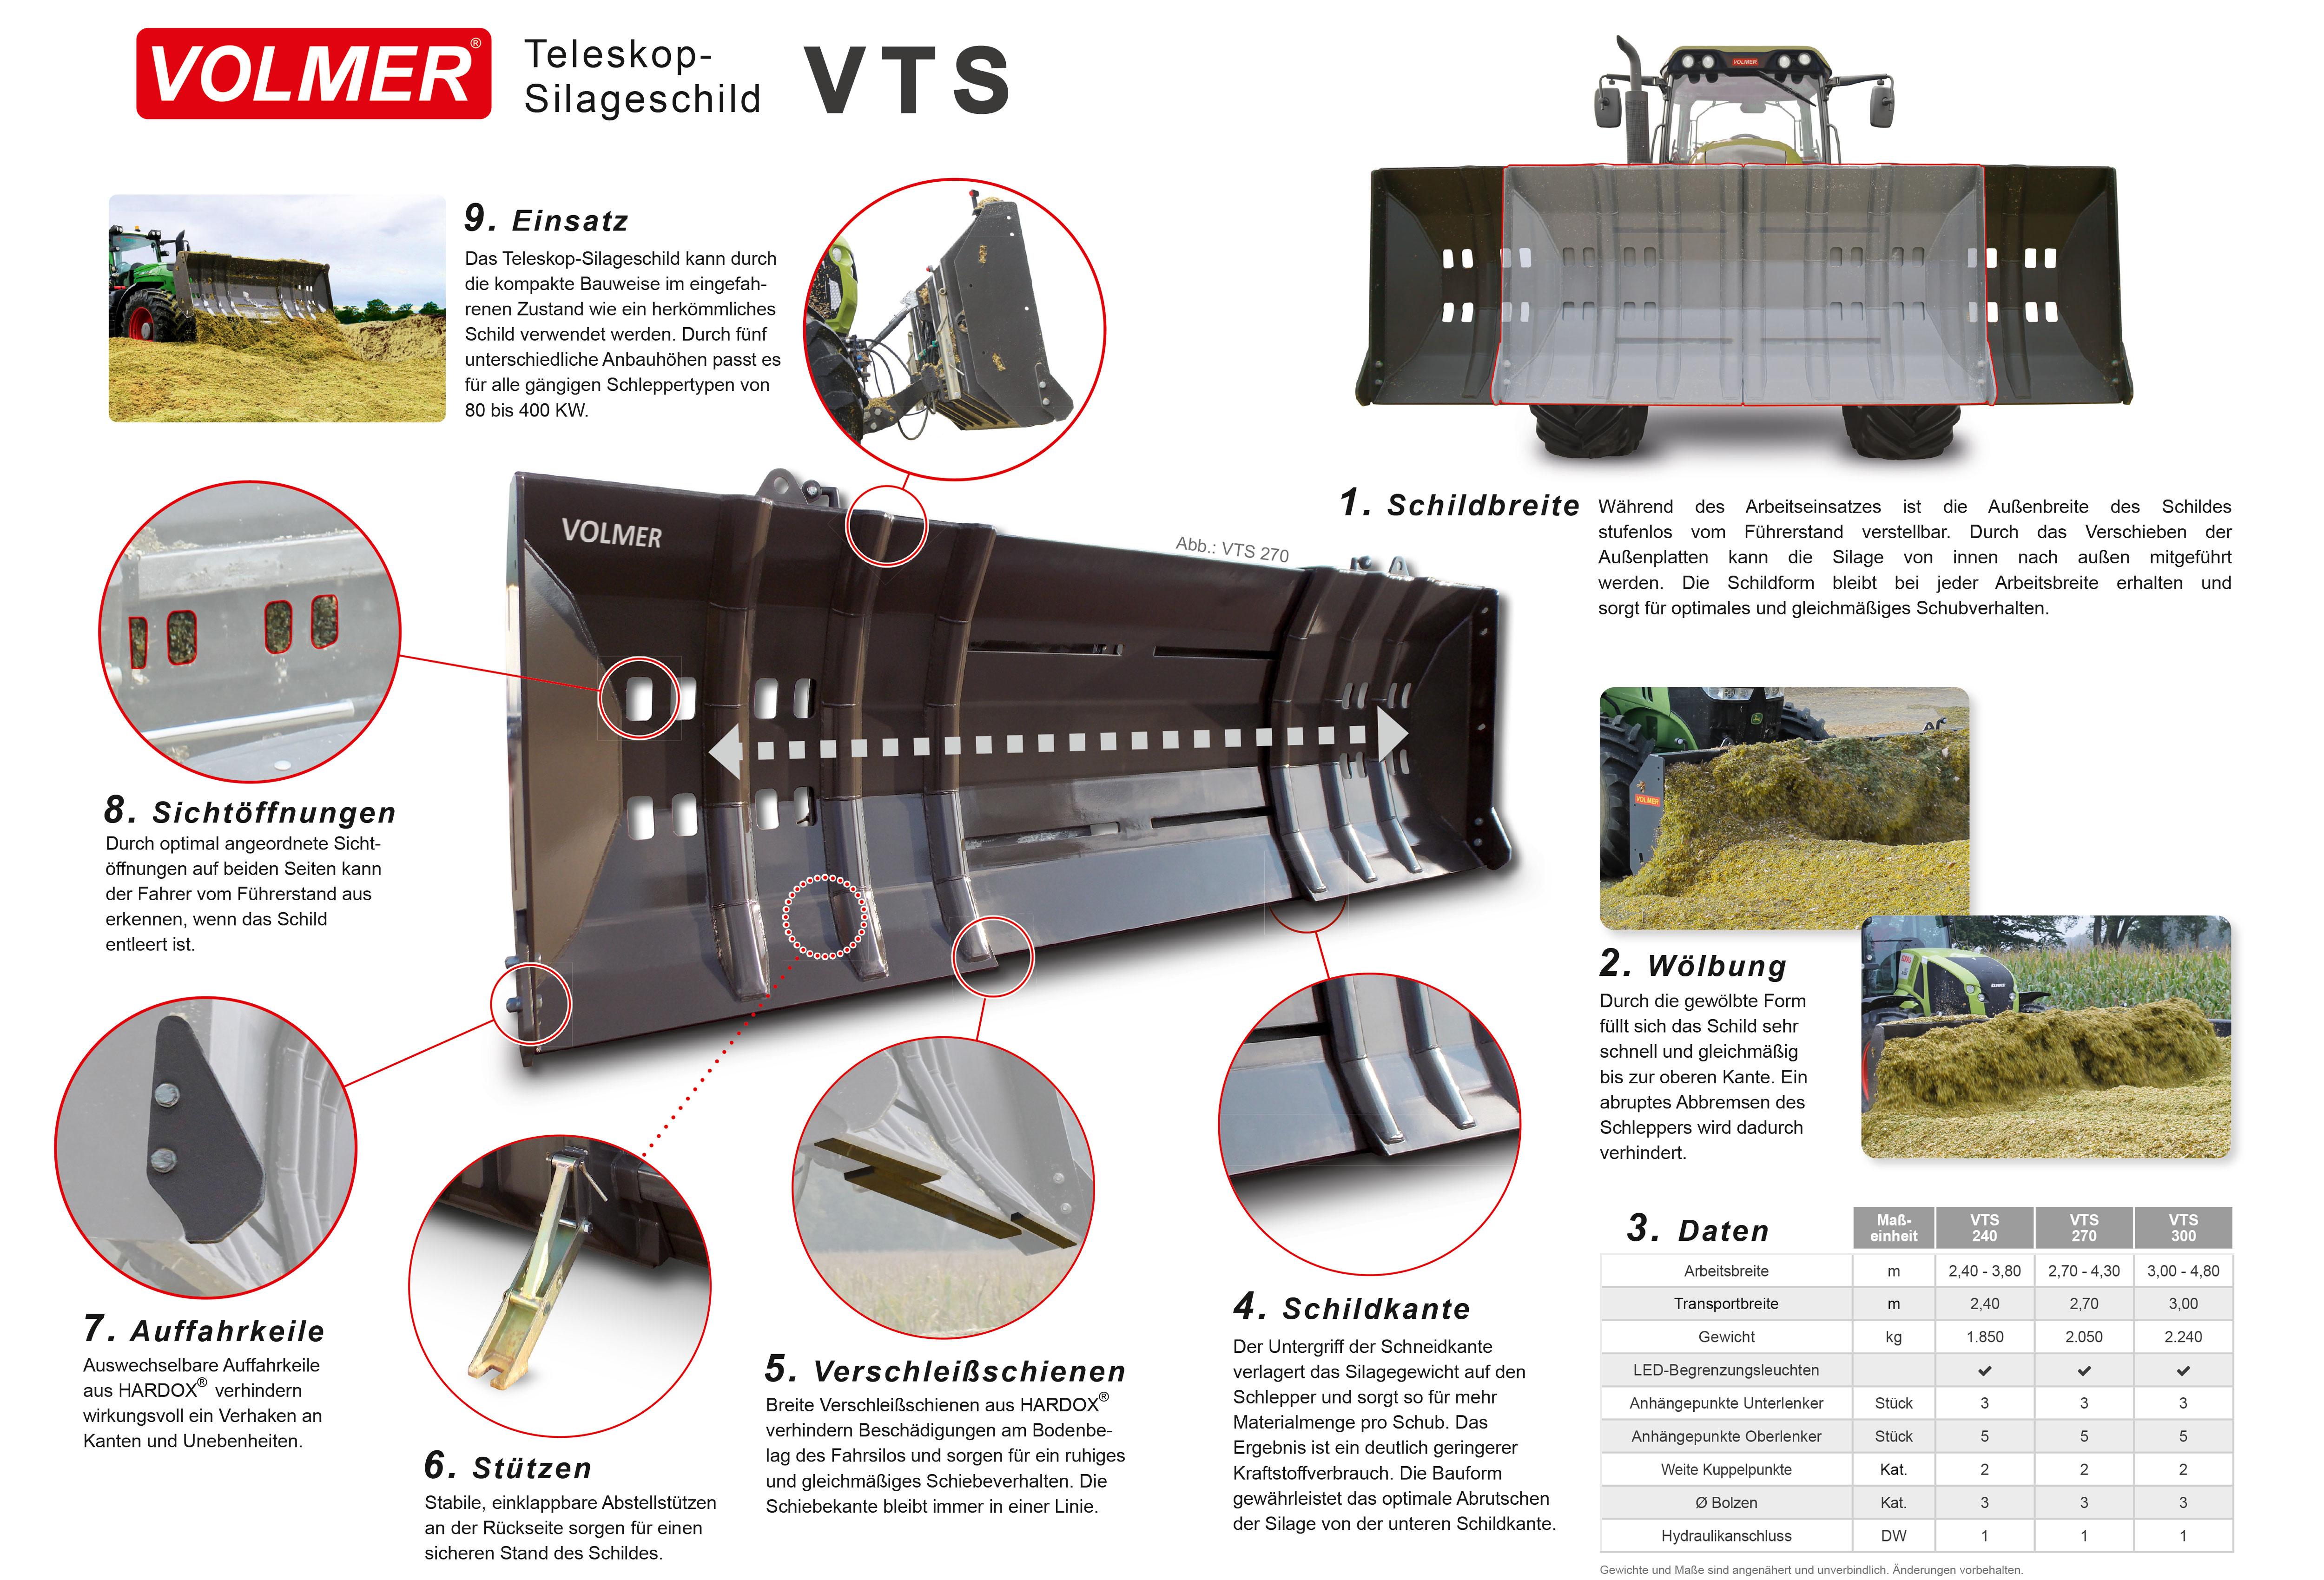 VOLMER Silageschild VTS mit Teleskoptechnik